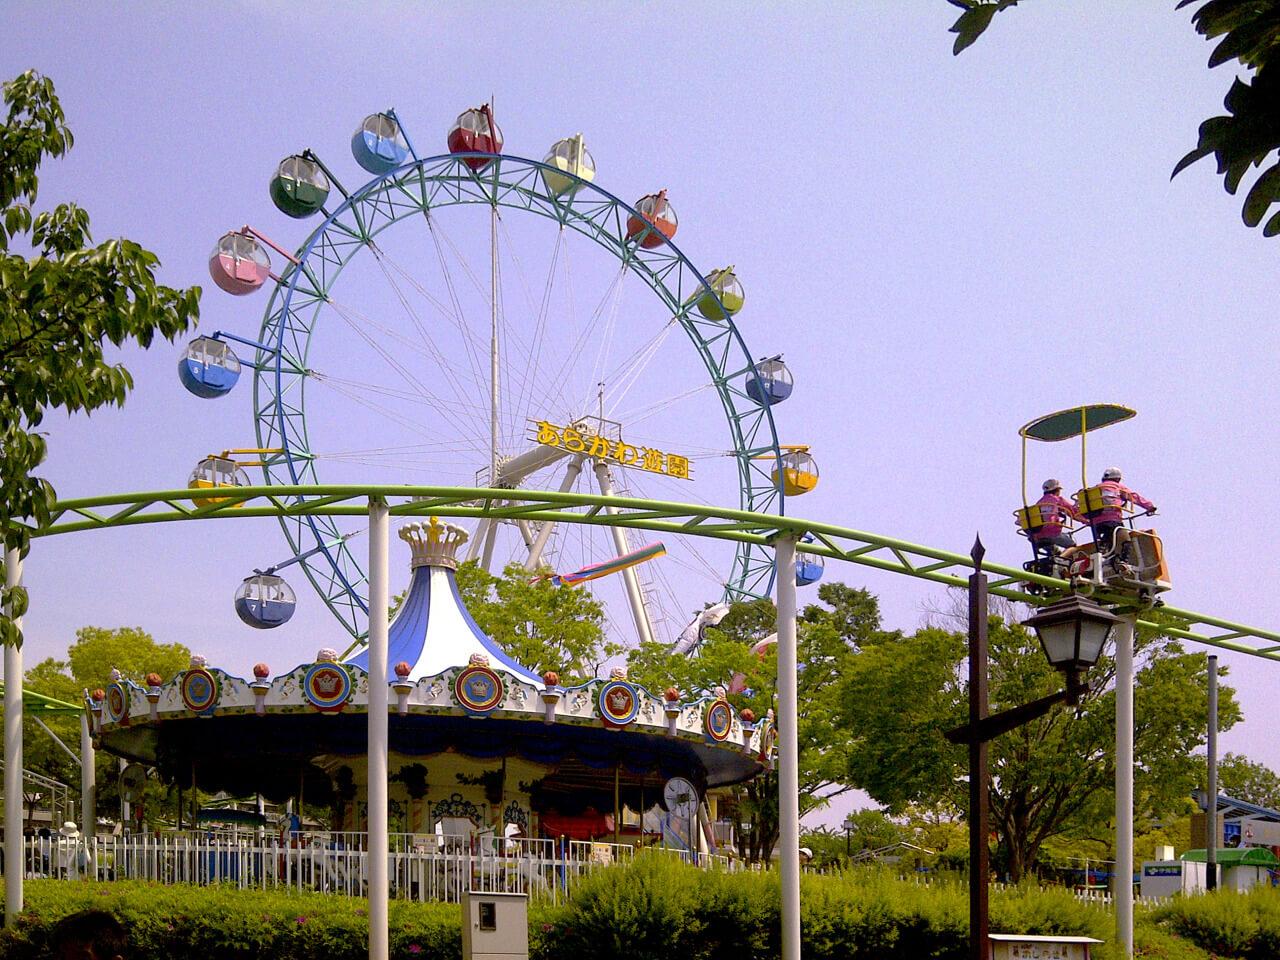 あらかわ遊園で行われた第27回川の手荒川まつり・第34回商業祭に行きました